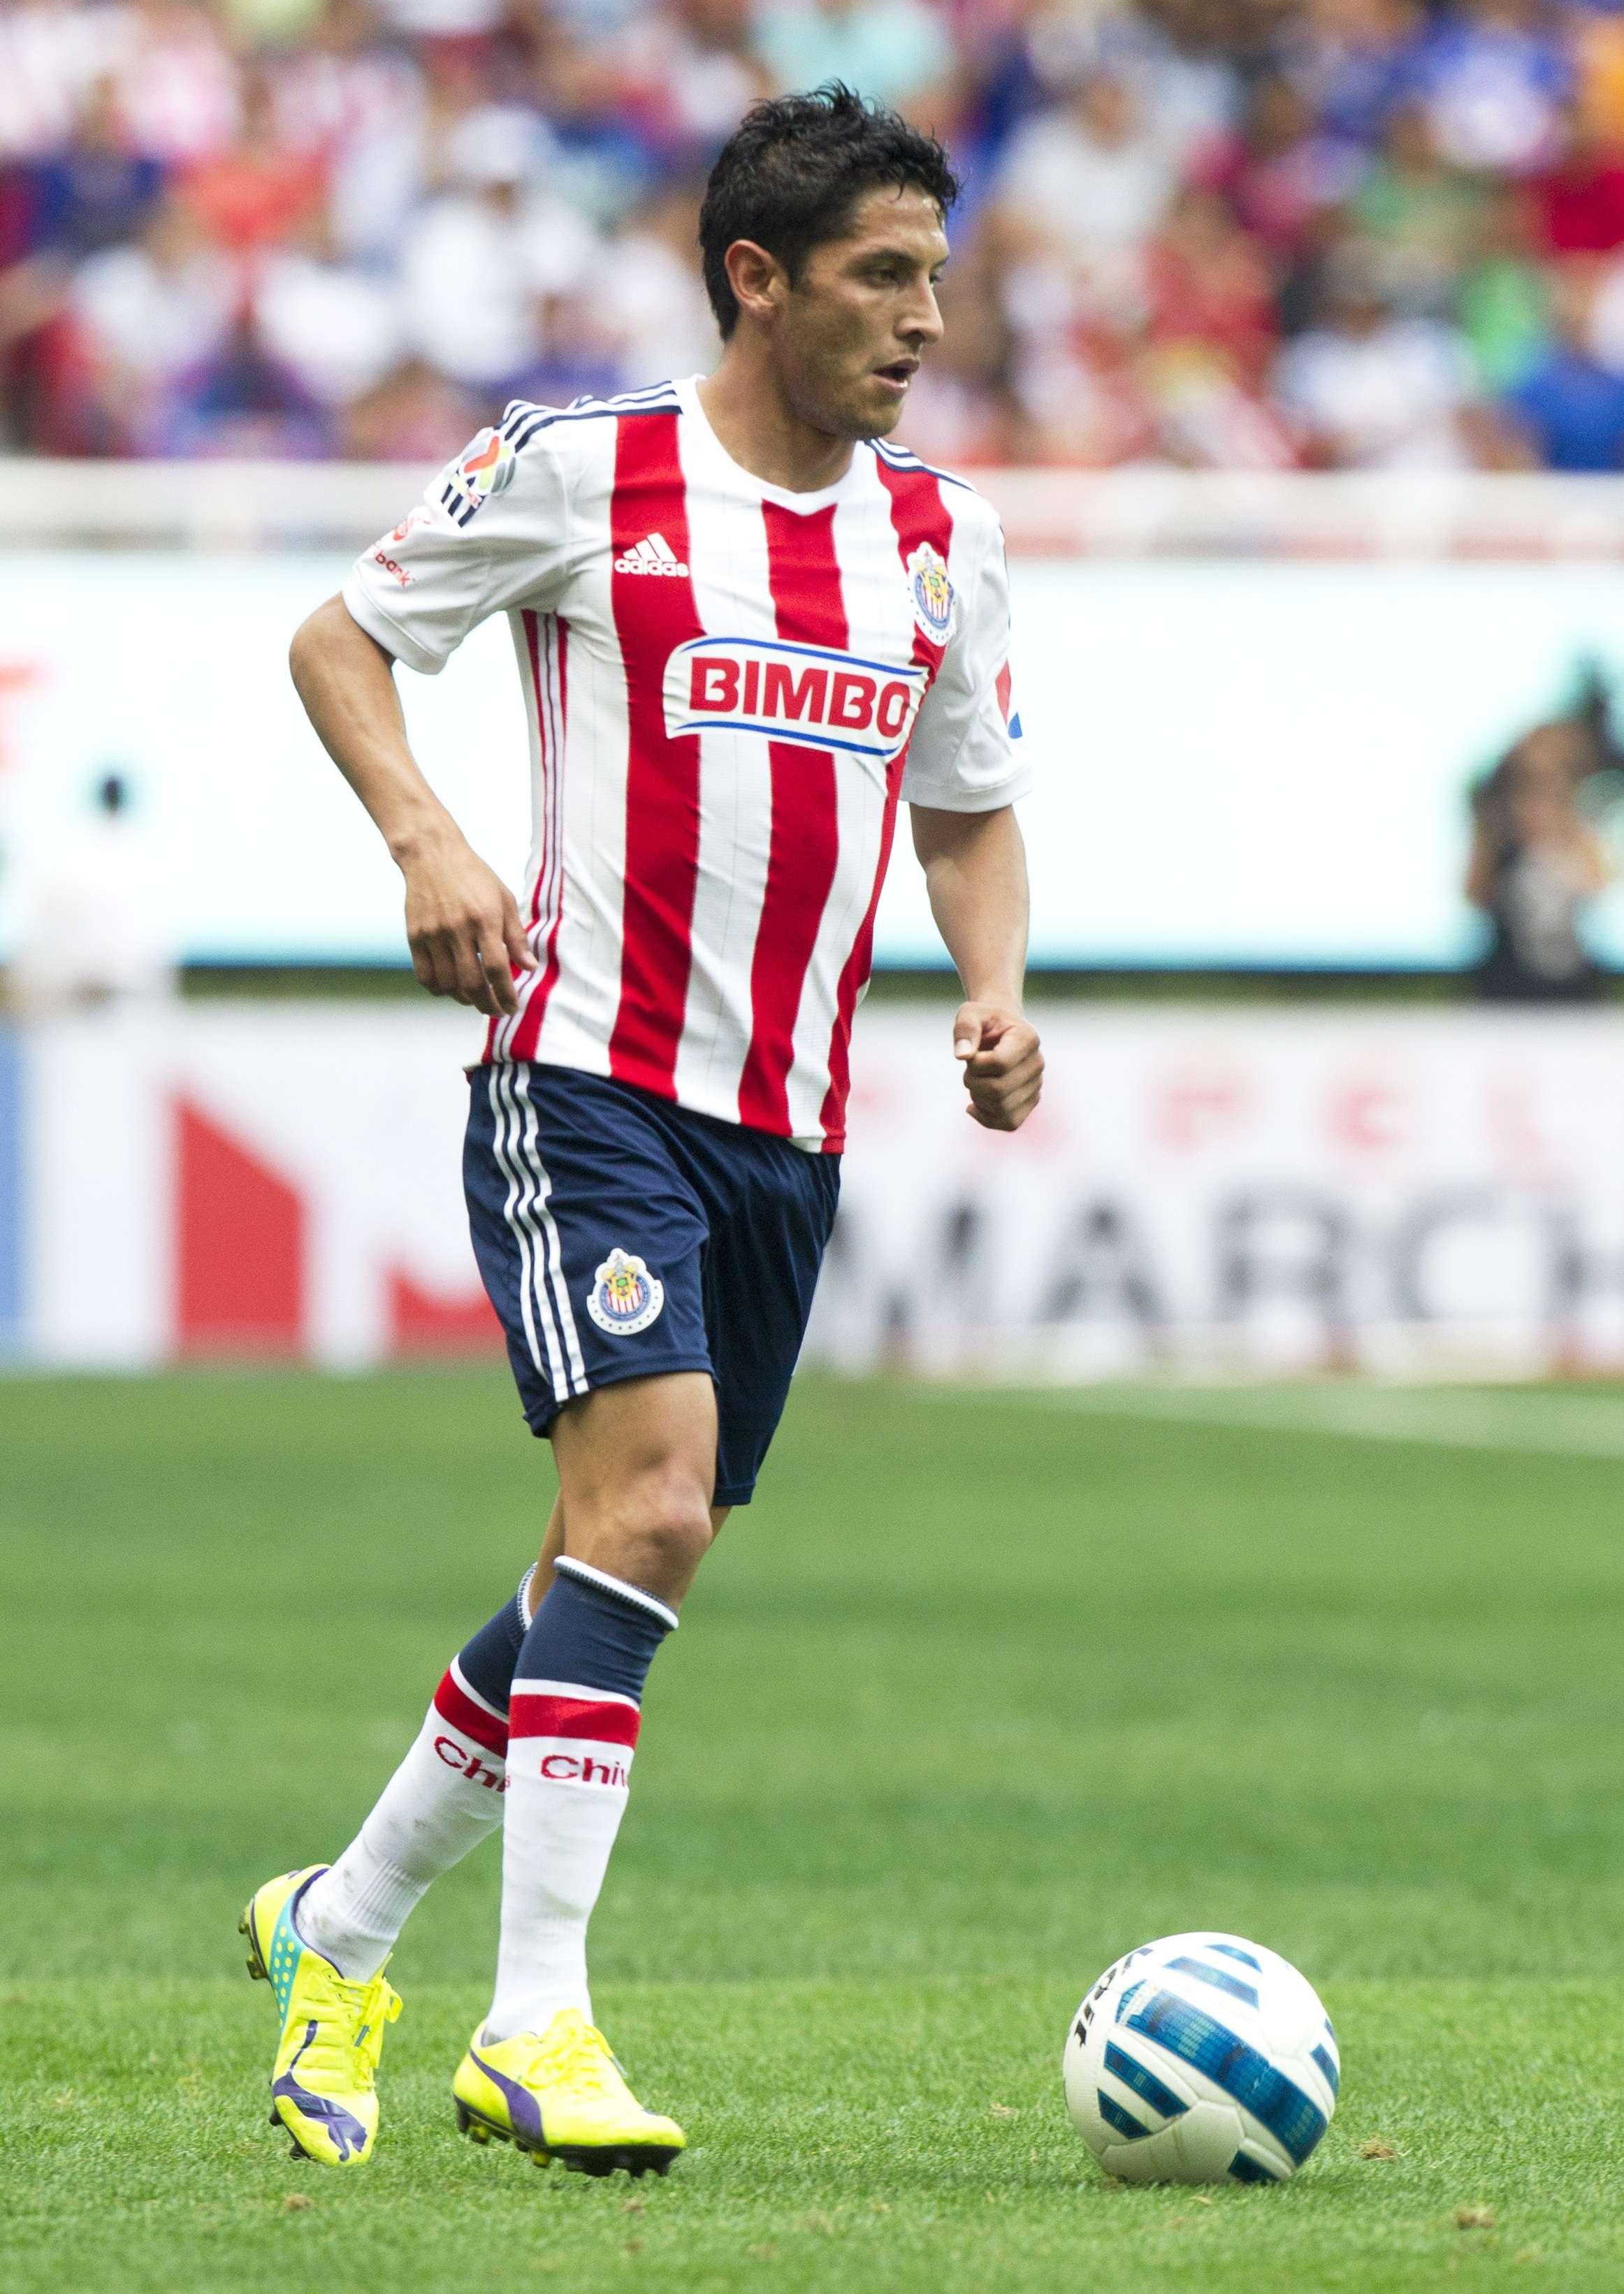 Ángel Reyna sin gol con Chivas en el Apertura 2014. Foto: Mexsport